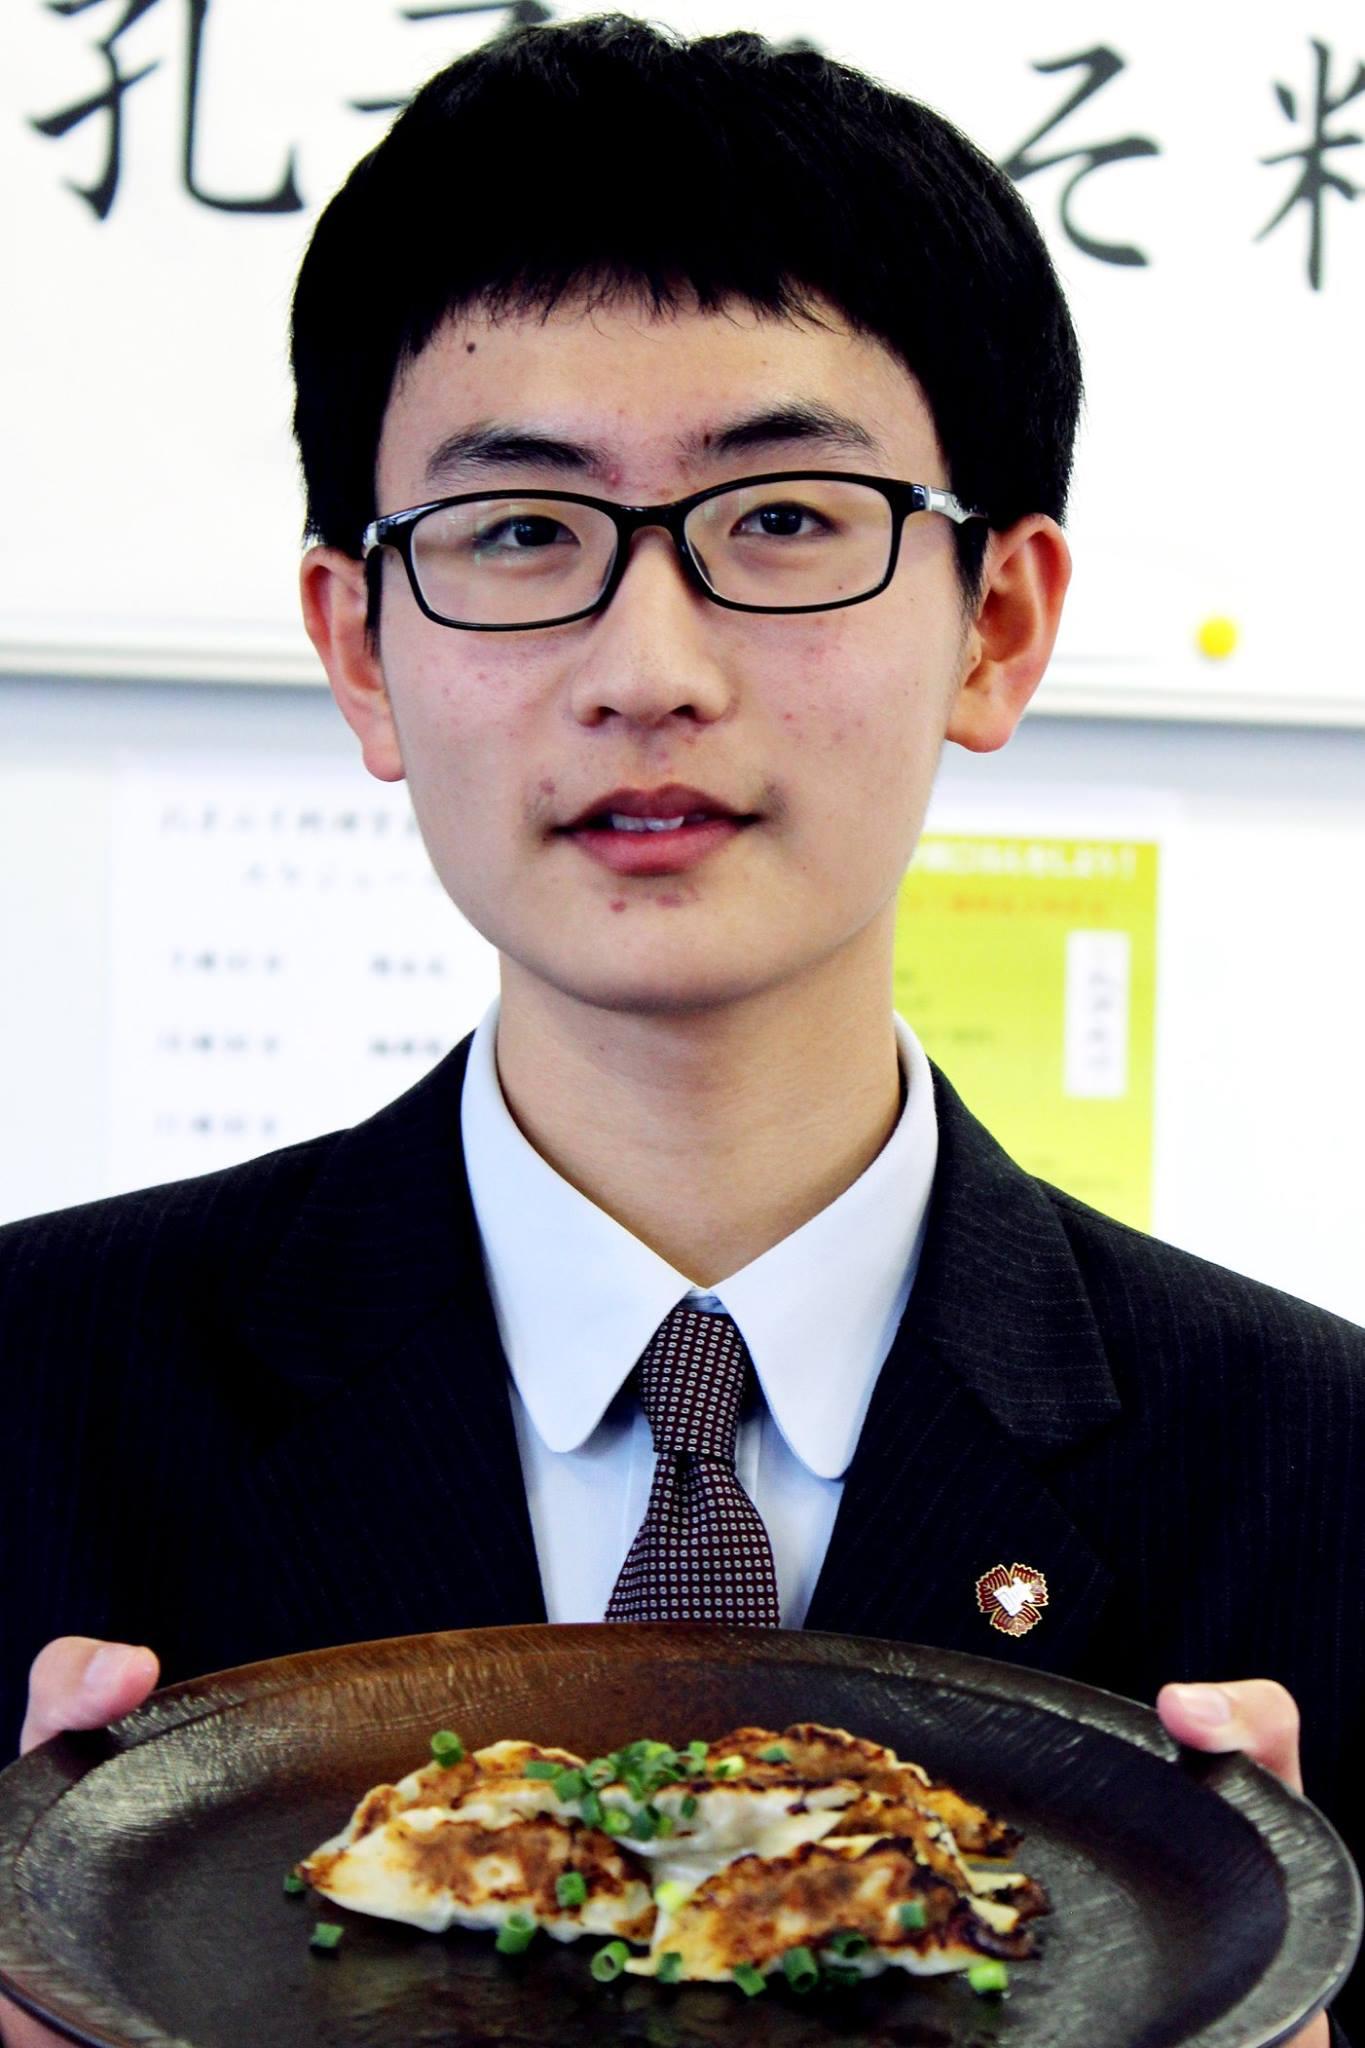 4.福井翔大さん